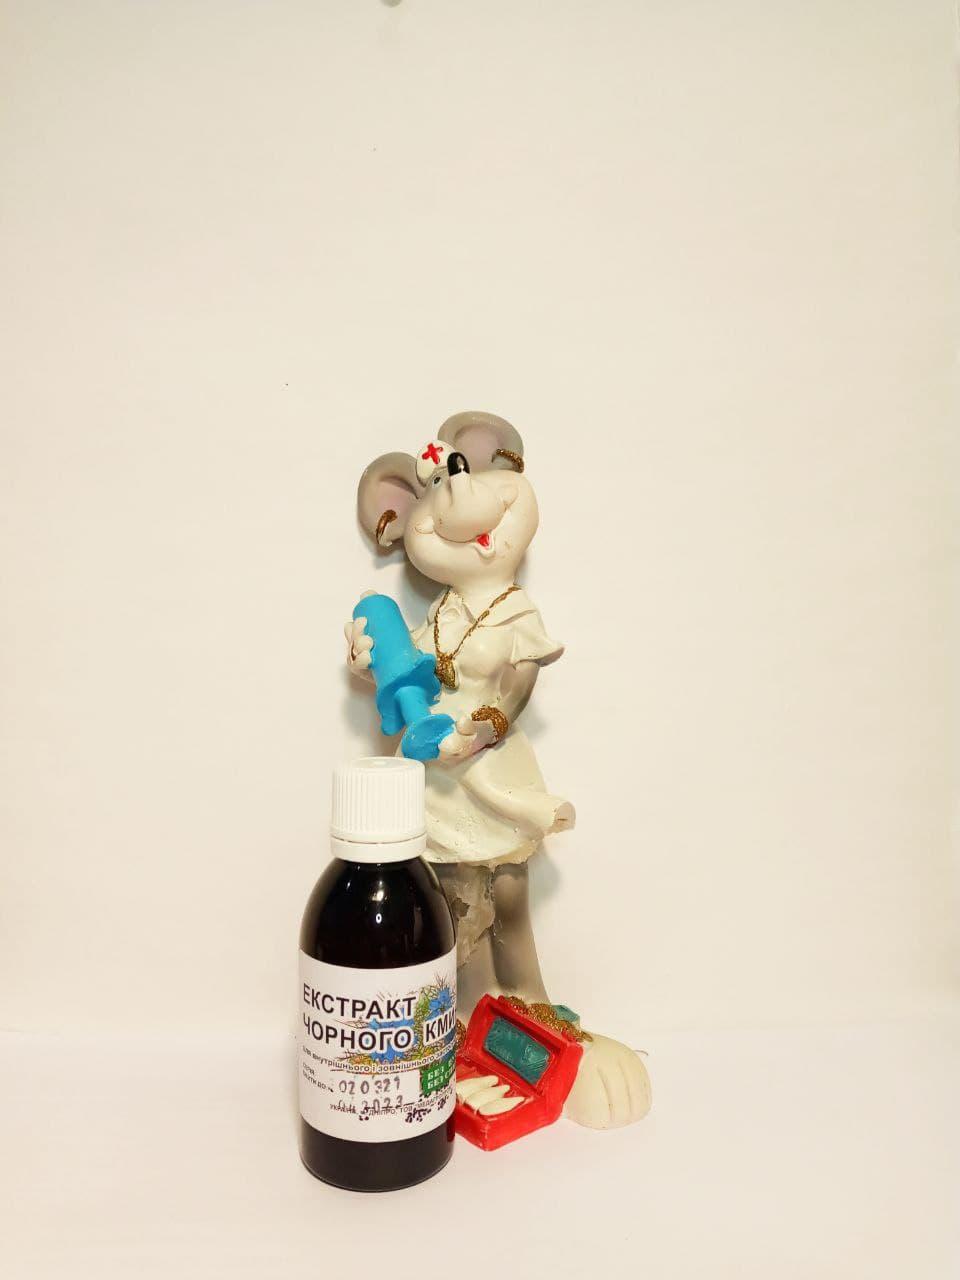 Покупаете водный экстракт-концентрат Чорный Тмин (нигедаза) для повышения иммунитета и активной утилизации жиров, для активизации жирового обмена, при заболеваниях ЖКТ, постковиде